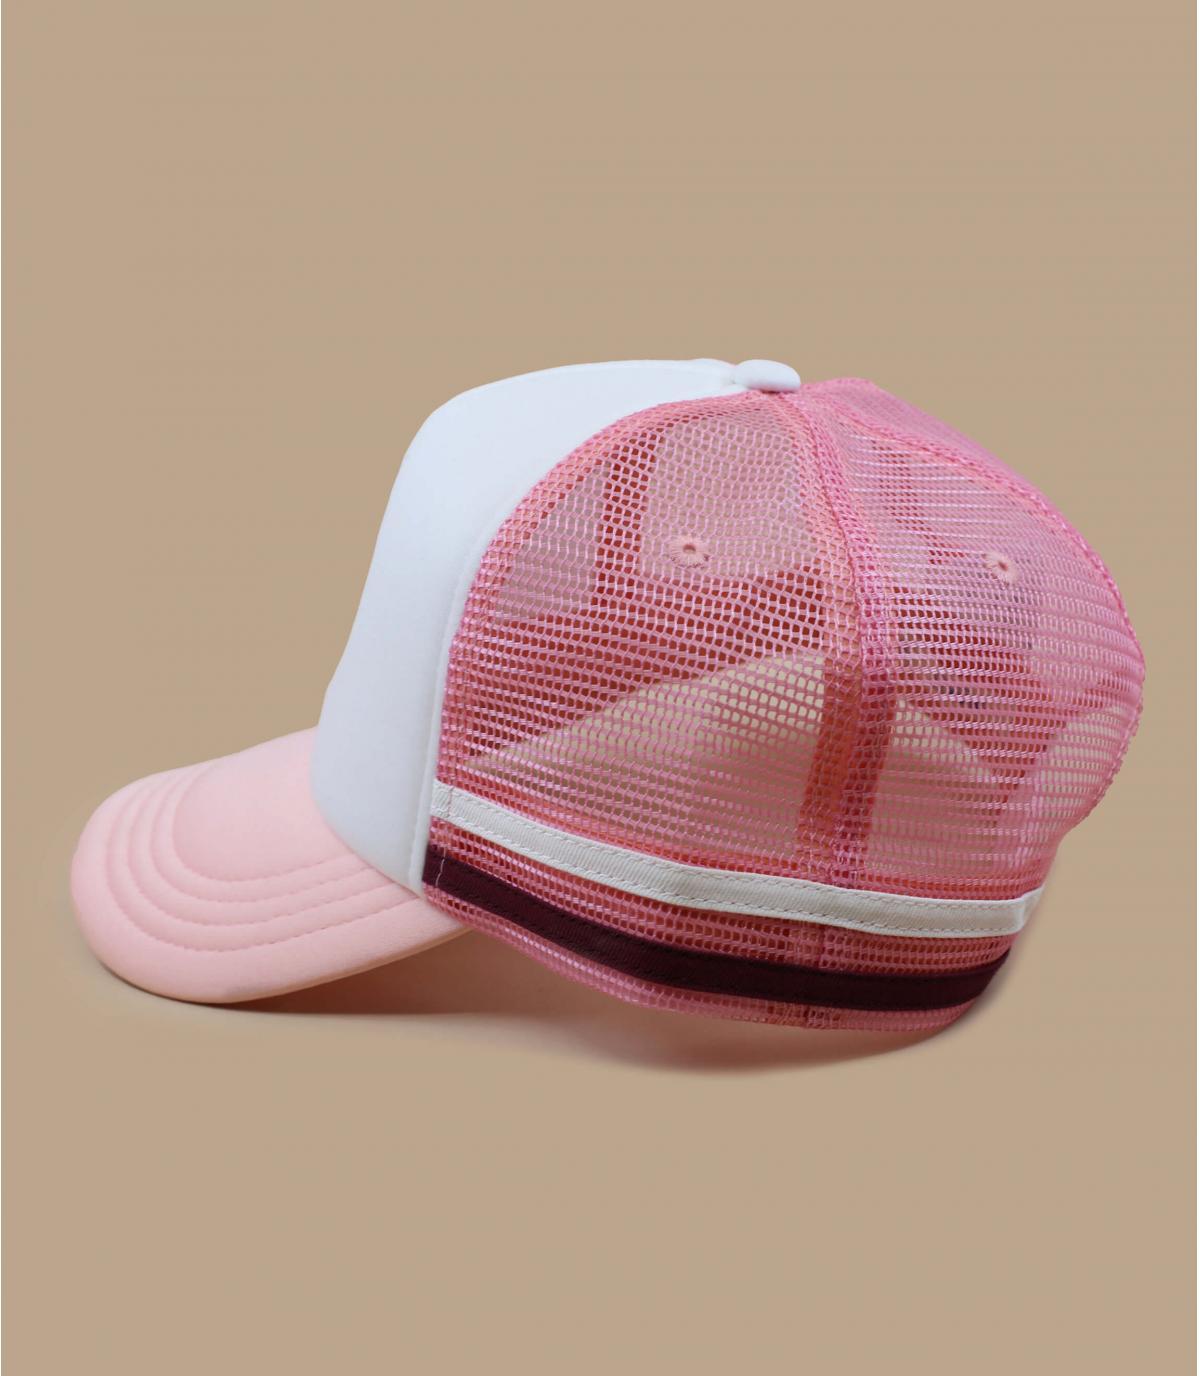 Détails Kids Club Trucker pink - image 4